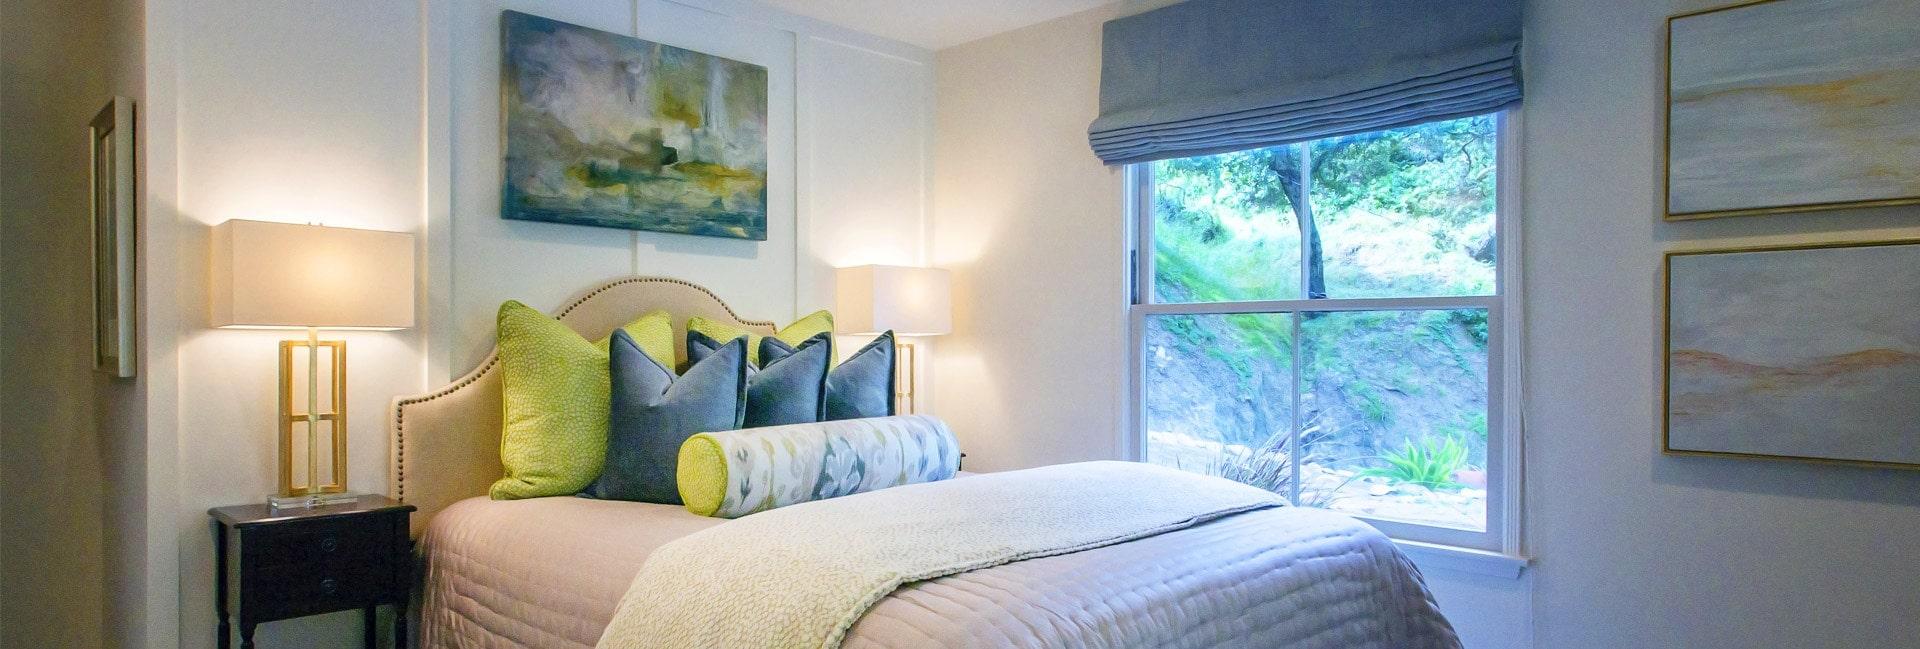 Guest house interior design at Kings Road, La Cañada